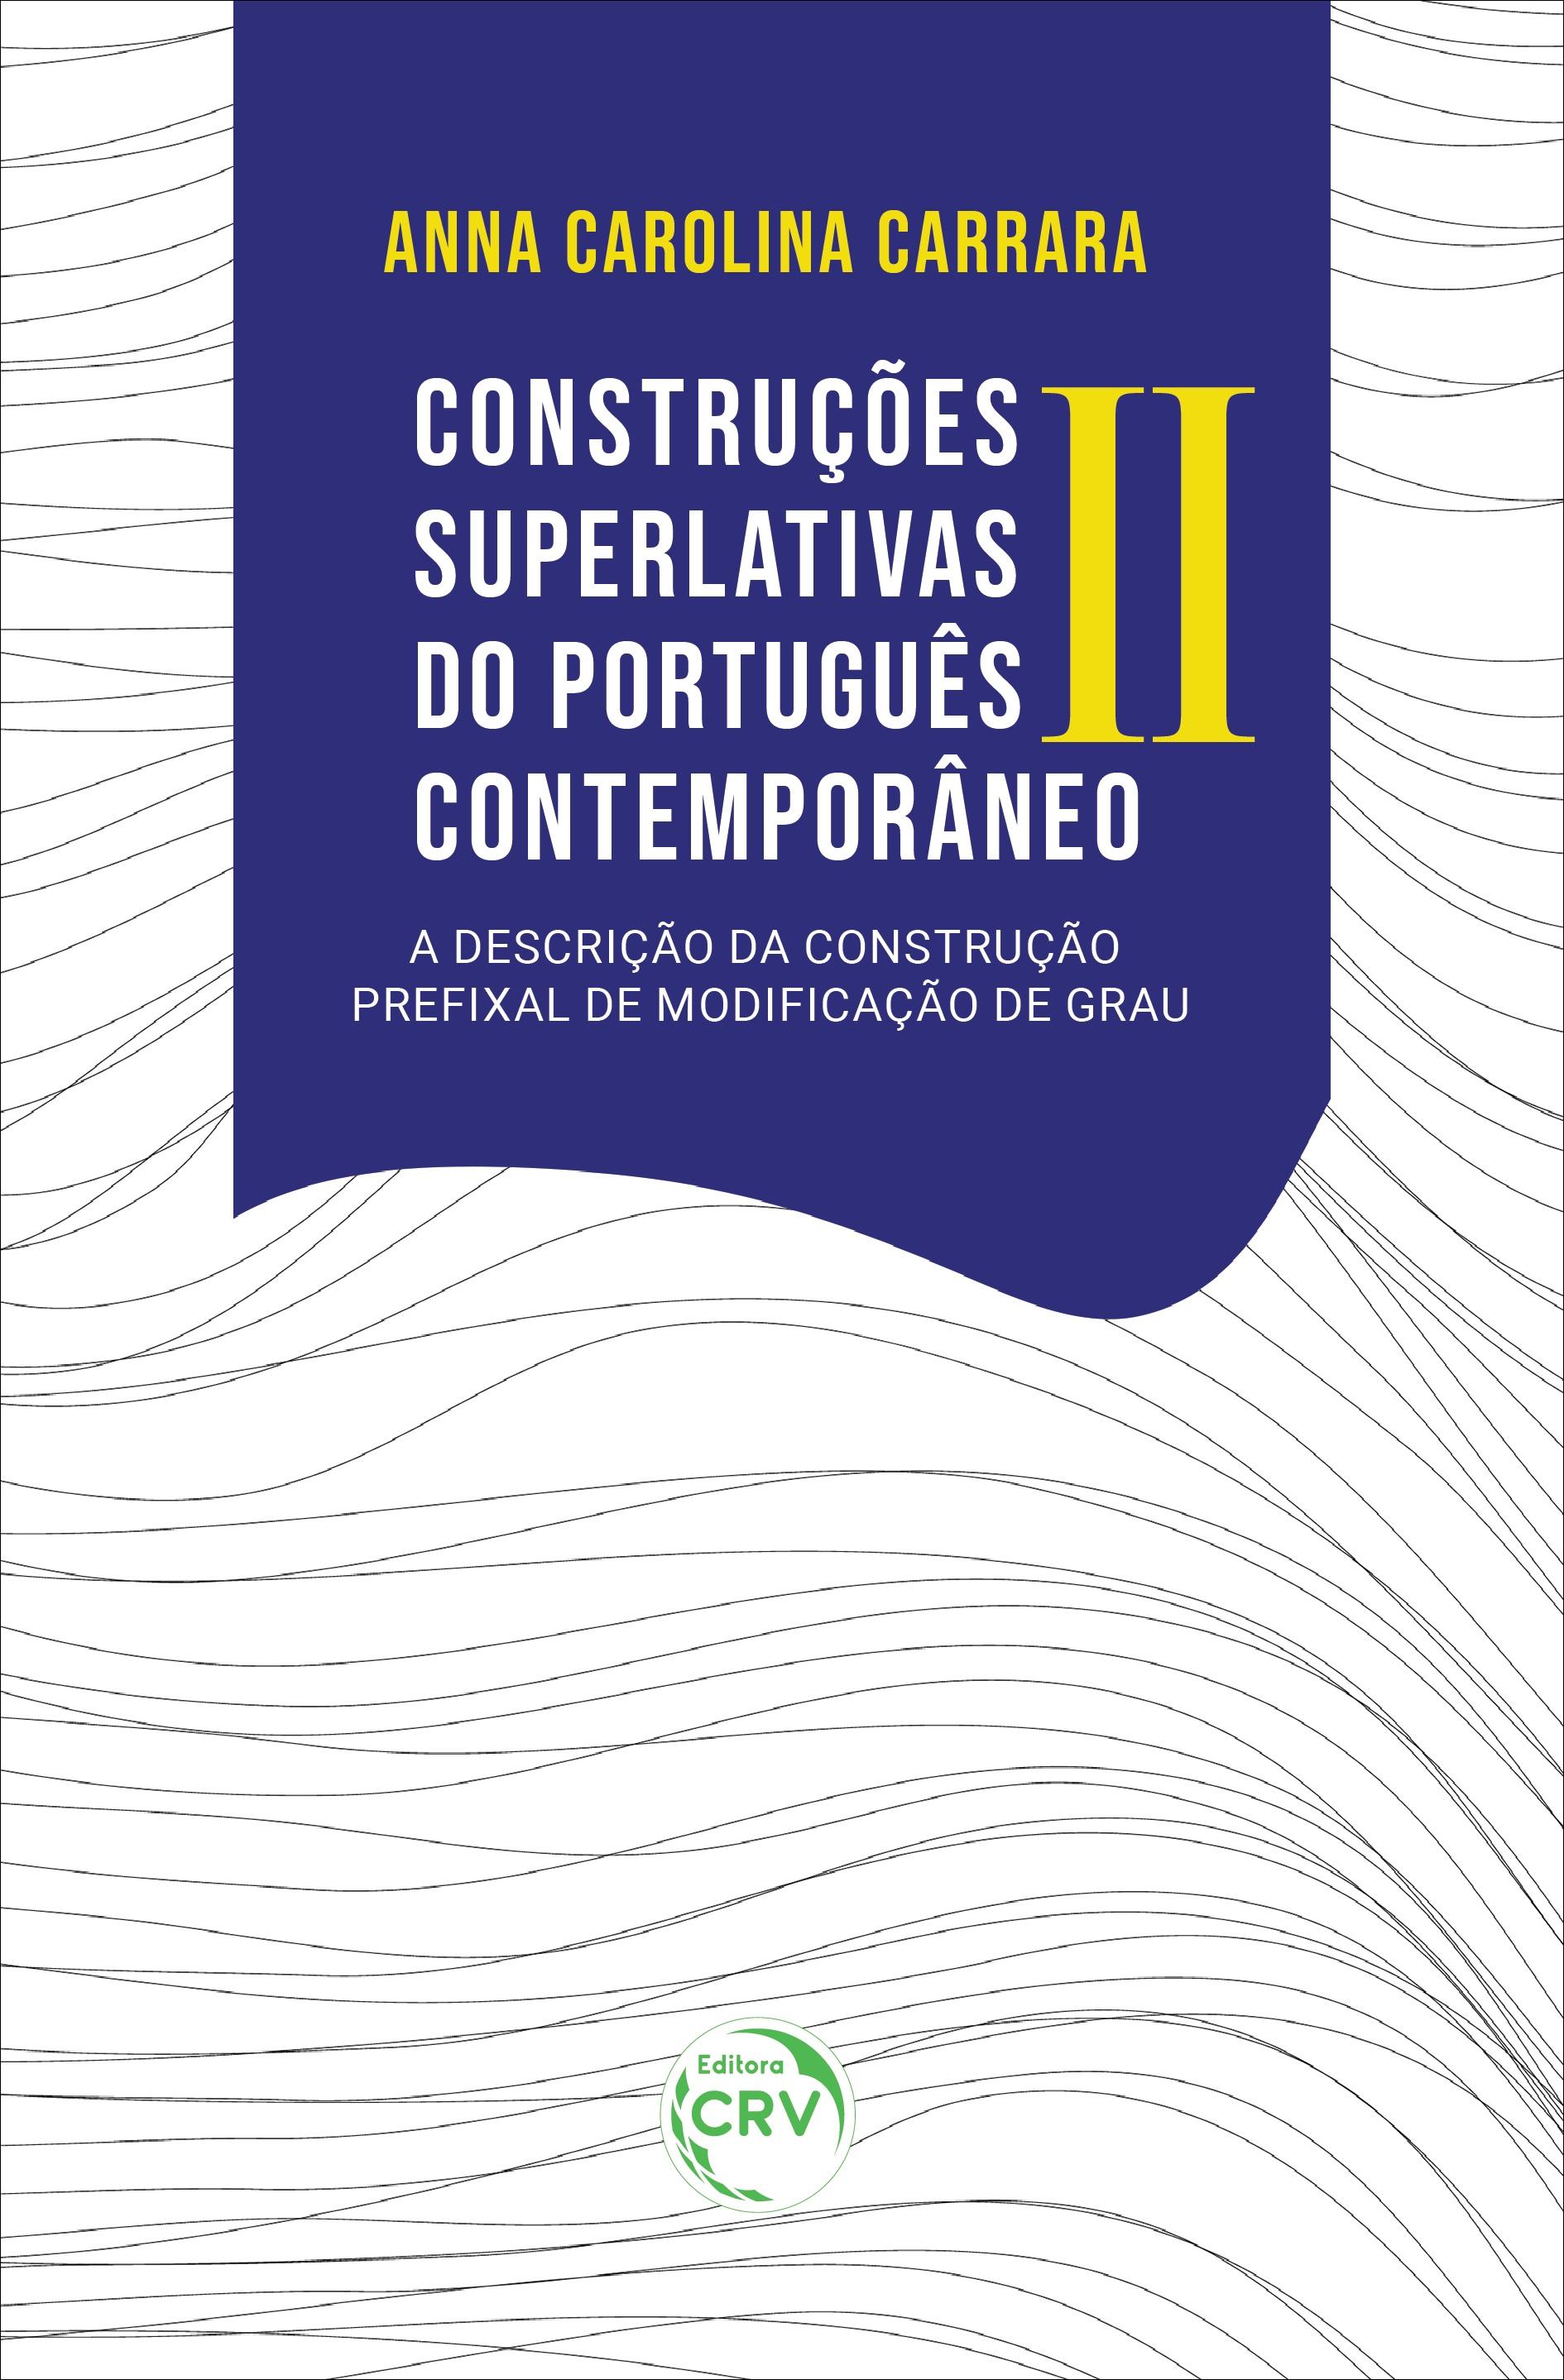 Capa do livro: CONSTRUÇÕES SUPERLATIVAS DO PORTUGUÊS CONTEMPORÂNEO II:<br> a descrição da Construção Prefixal de Modificação de Grau